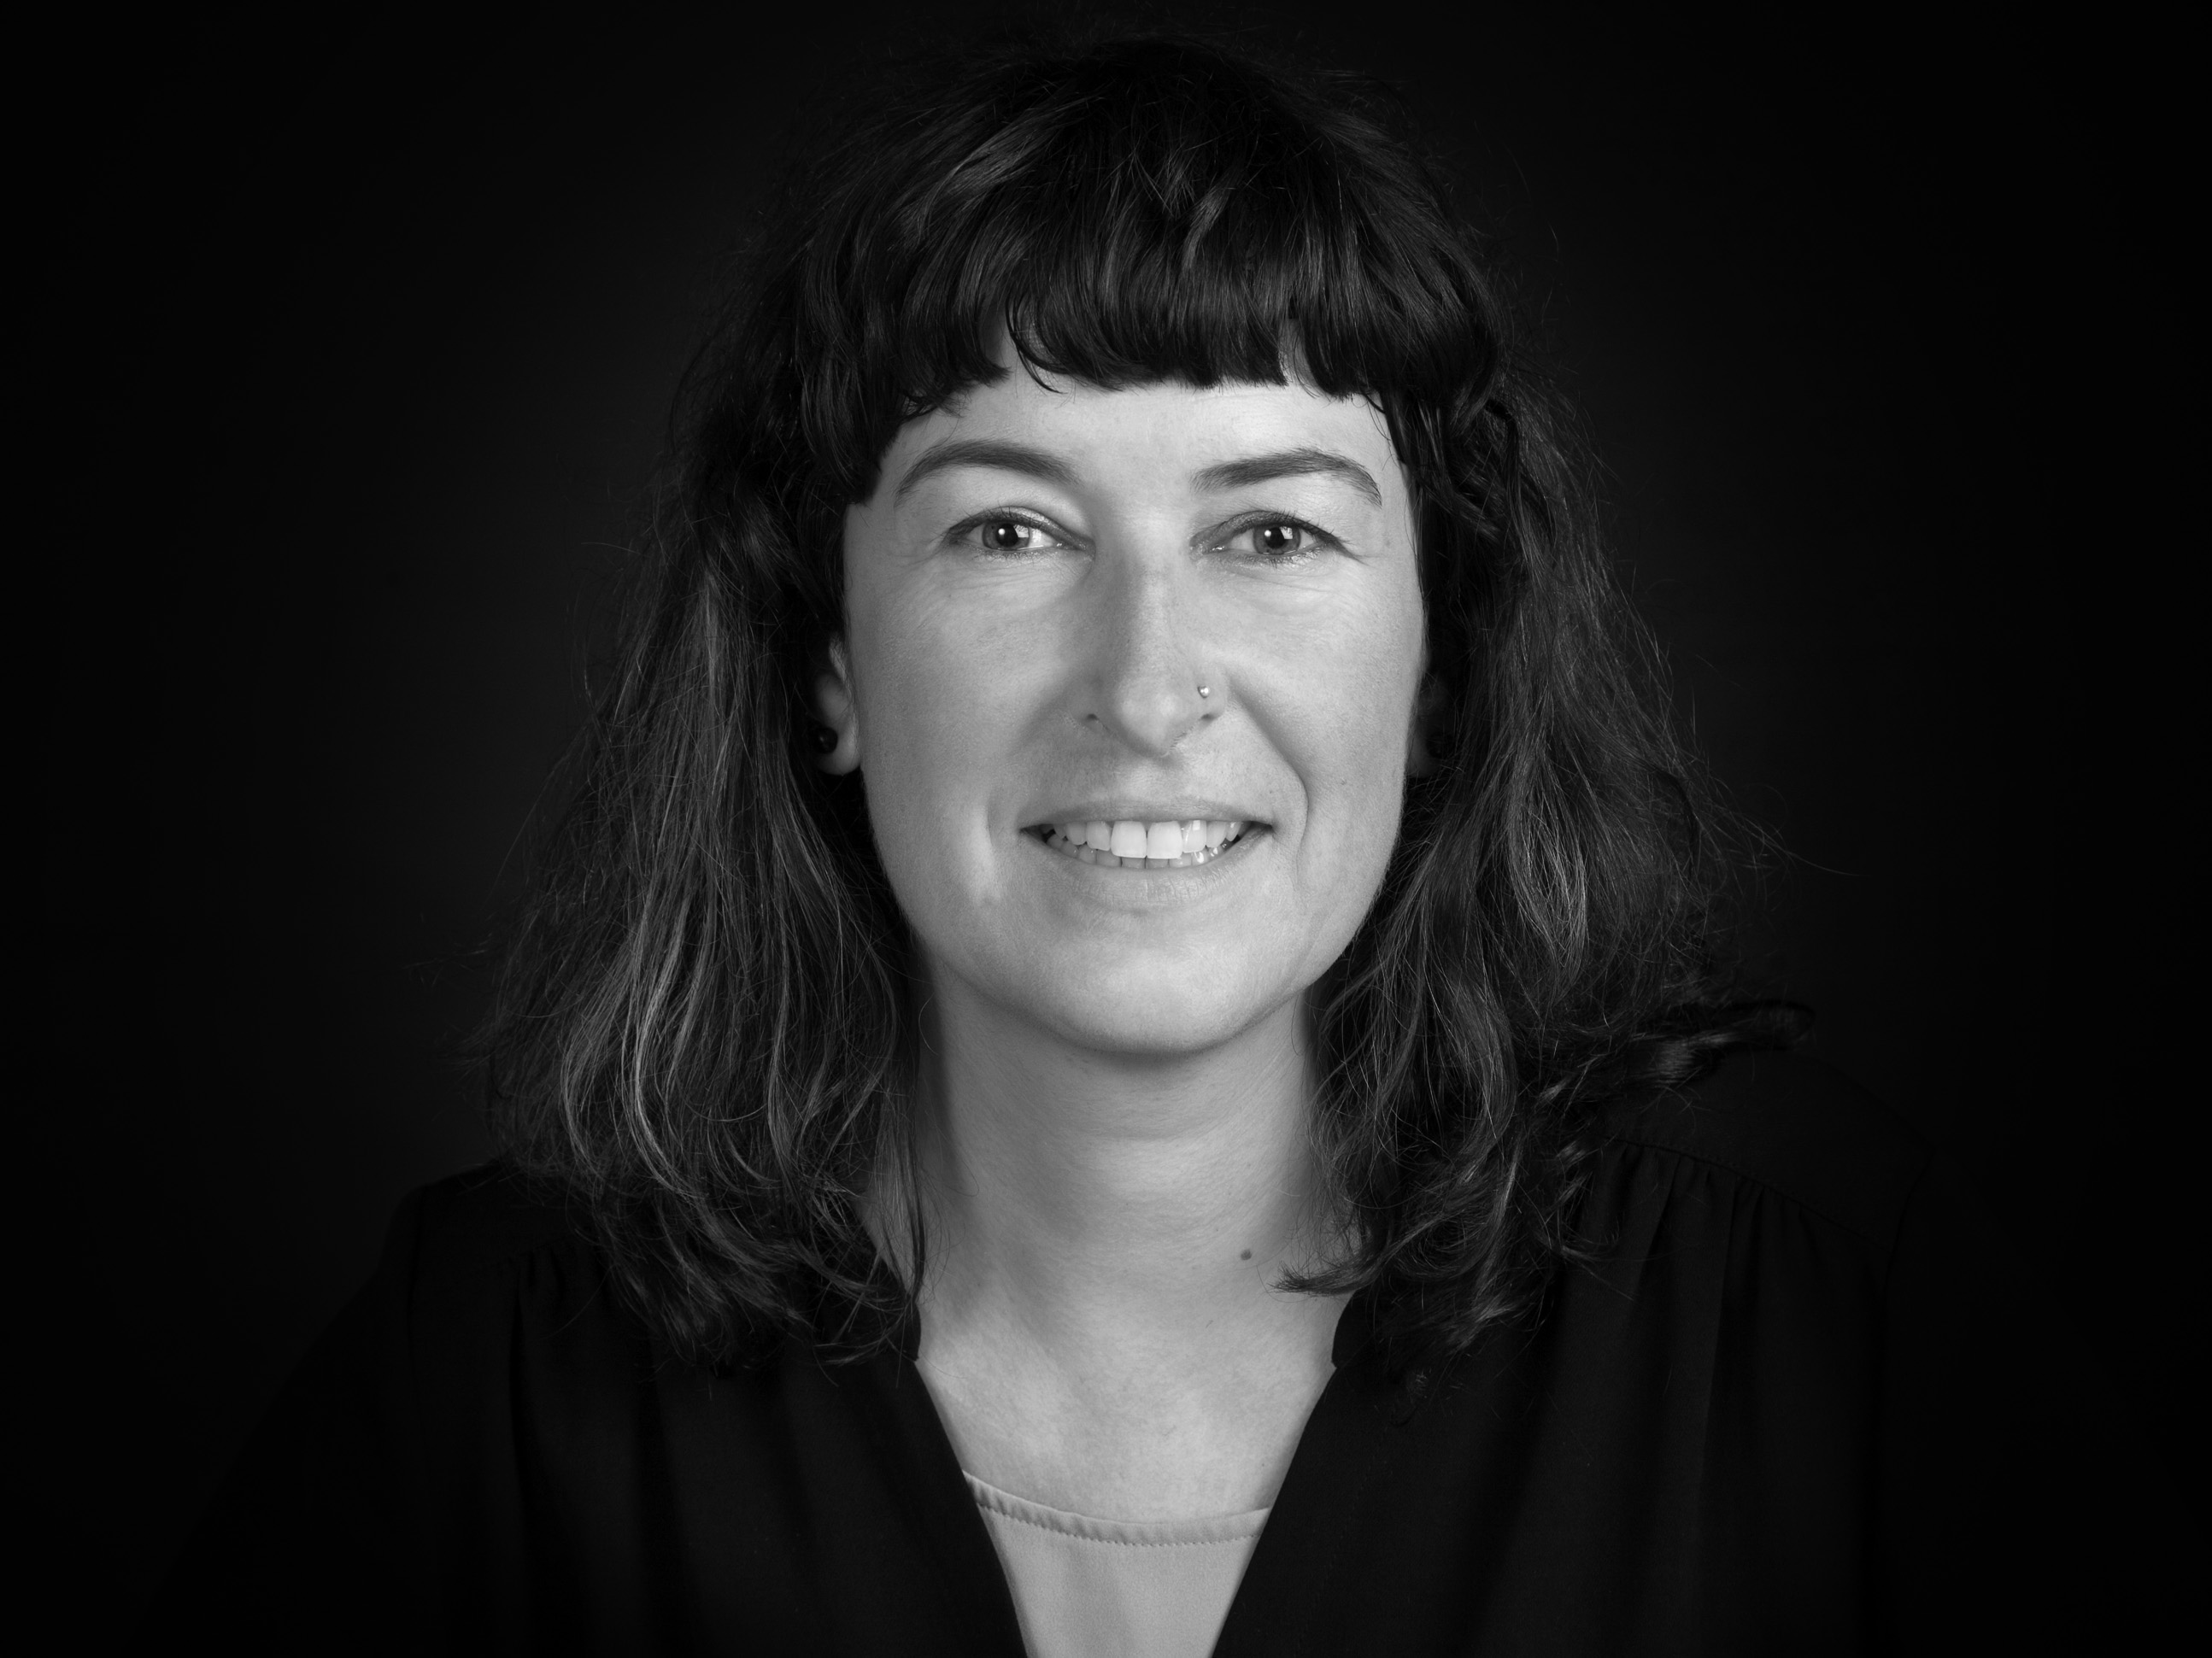 Sonja  Schweitzer:  disfrutando  a  diario  del  euskera  y  del  mar  –  Receta:  Eier  in  Senfsauce  mit  Kartoffelpüree